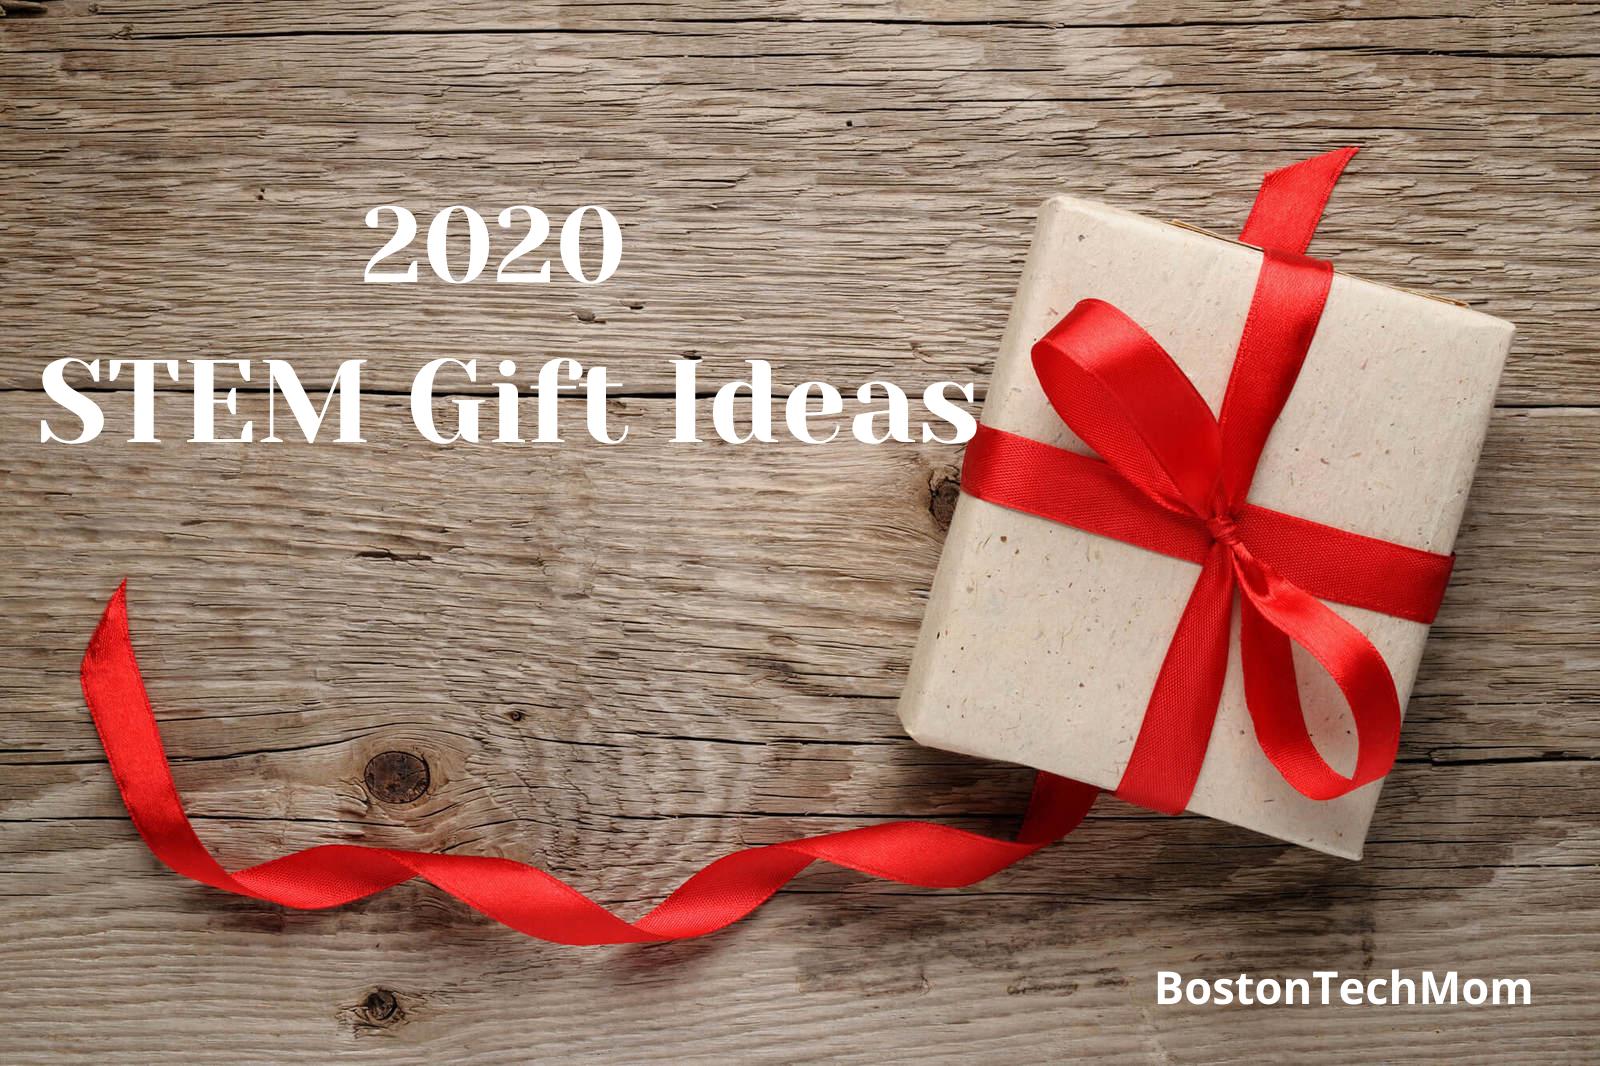 BostonTechMom STEM gift guide